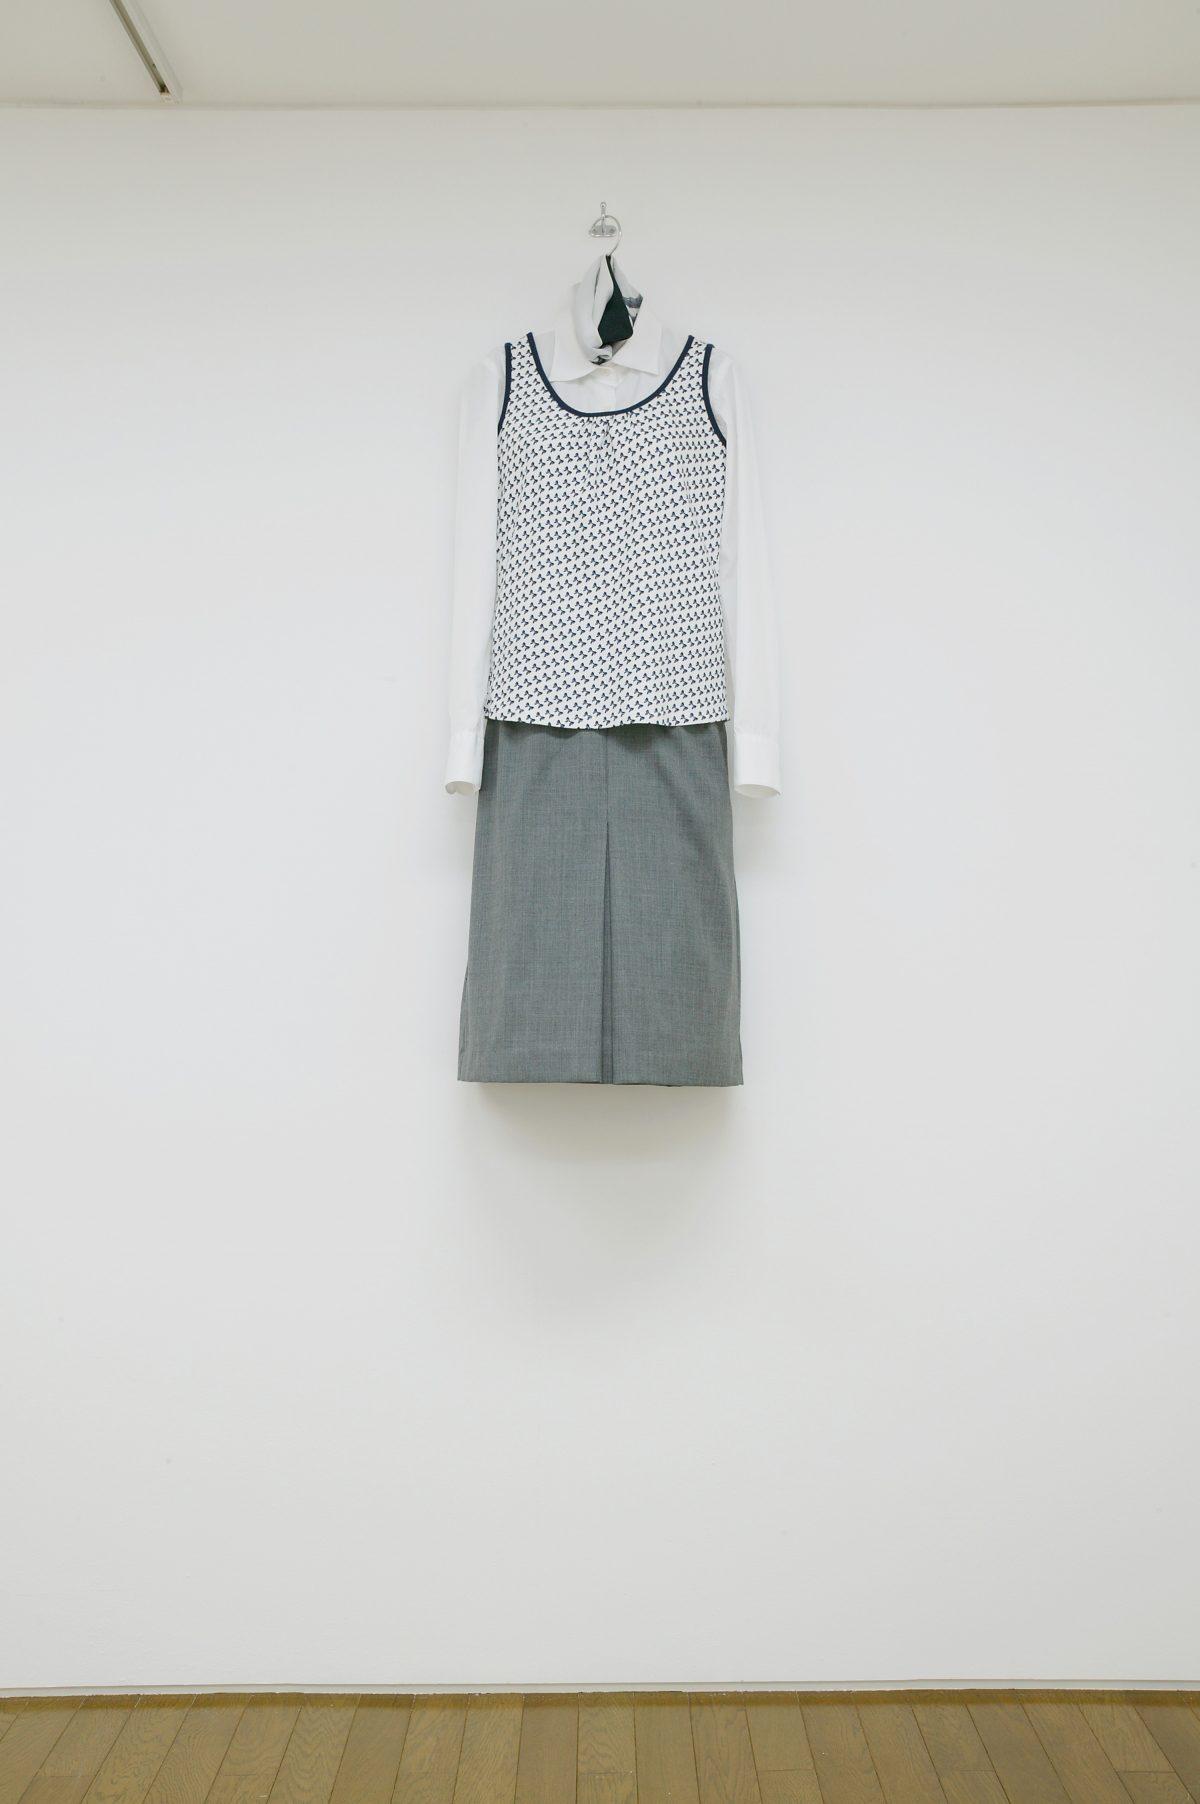 古着coordinate(white shirt) / 衣類、ハンガー、塩化ビニールシート / 120×45×22 / 2005